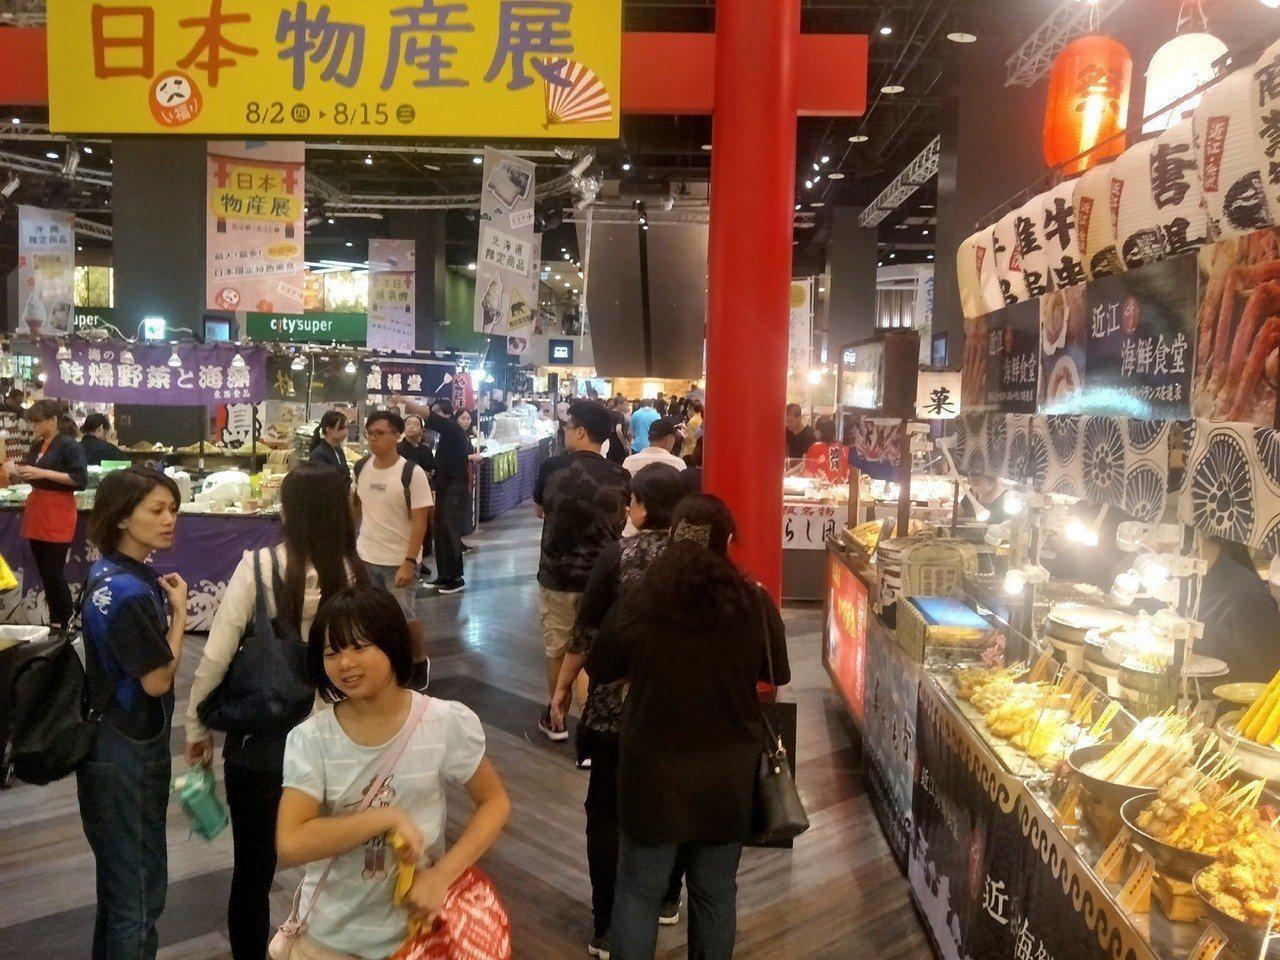 台茂購物中心日本夏日美食祭典,來自日本職人現場現做現賣,吸引許多消費者享受不必出...